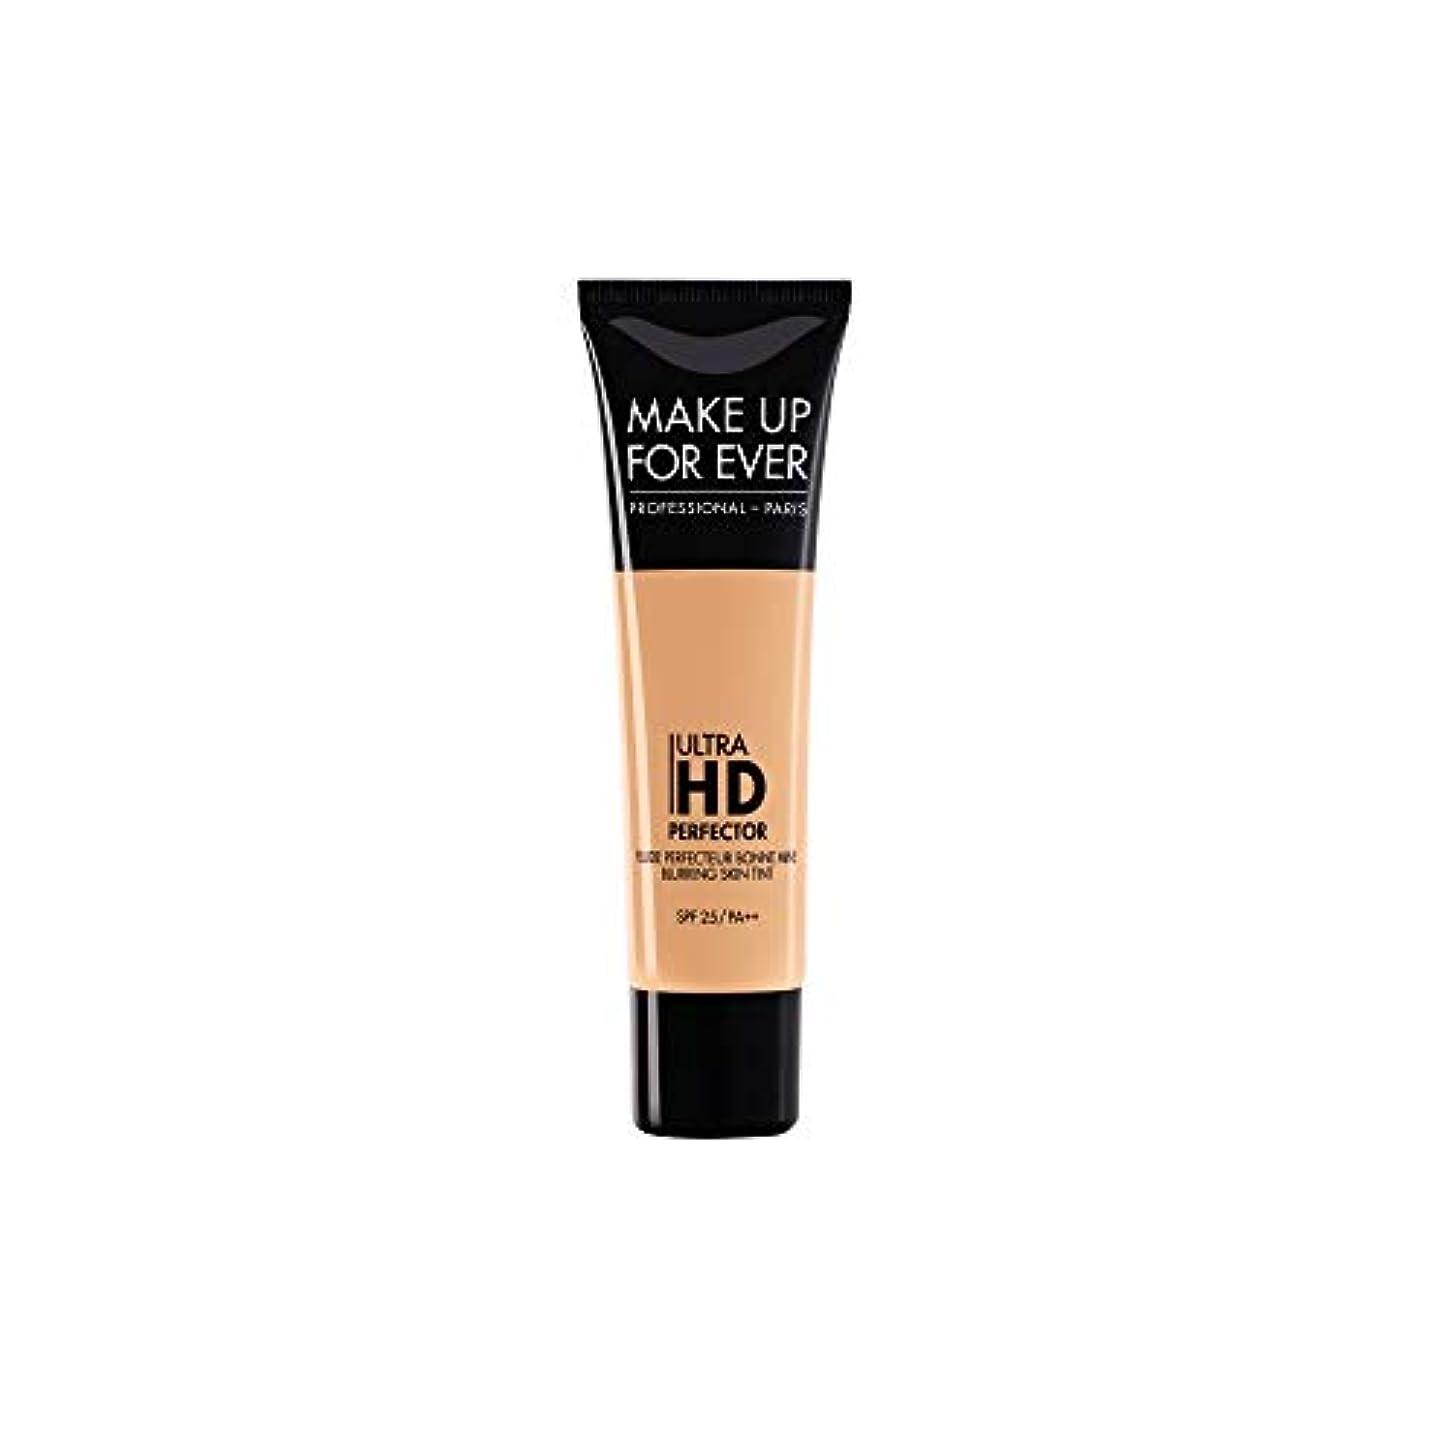 影響を受けやすいですトレードマルクス主義者メイクアップフォーエバー Ultra HD Perfector Blurring Skin Tint SPF25 - # 07 Golden Apricot 30ml/1.01oz並行輸入品